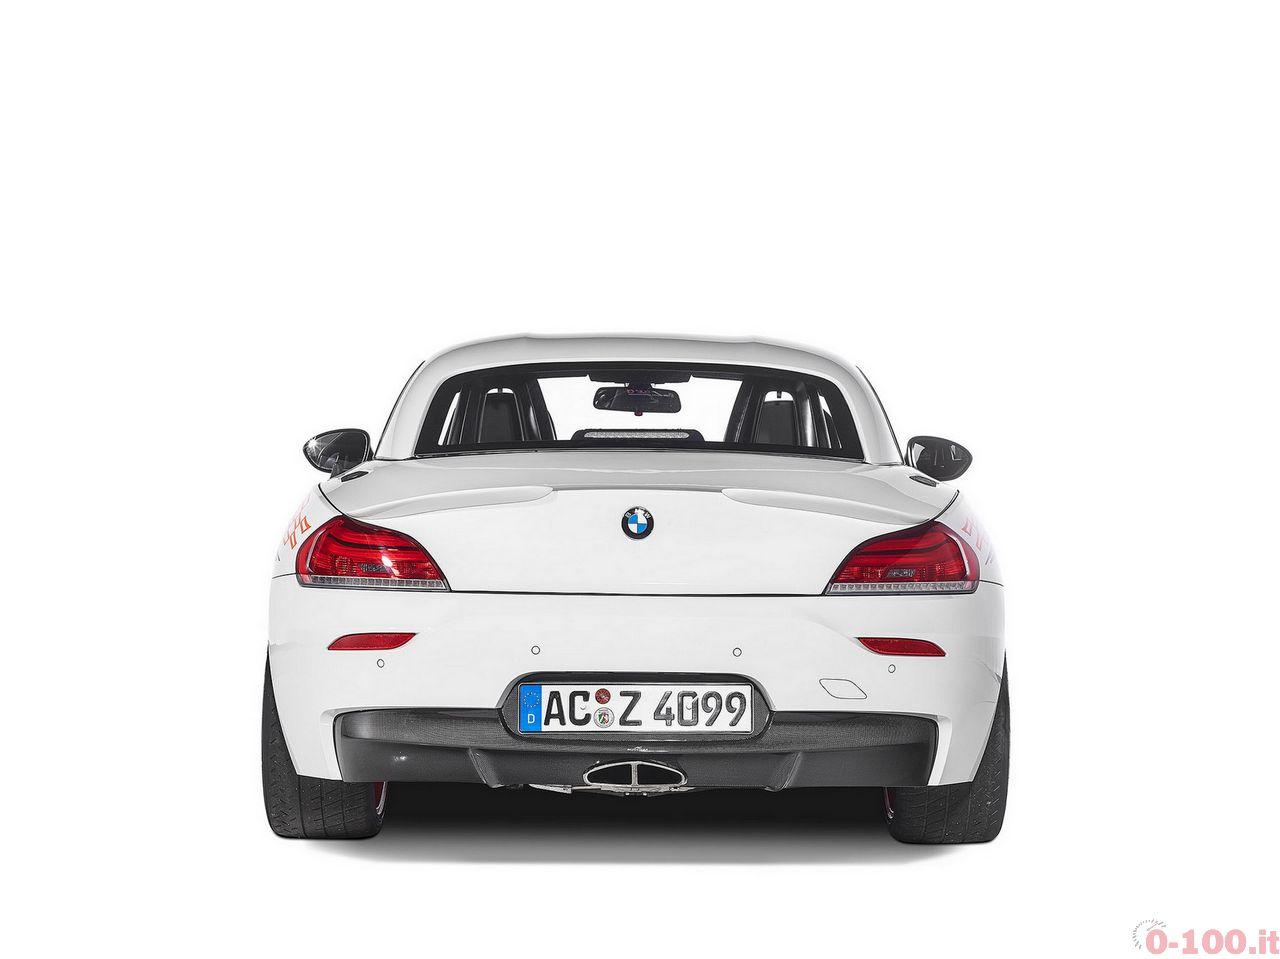 tuning-ac-schnitzer-acz4-5000-d_BMW_Z4-m550d-0-100_4